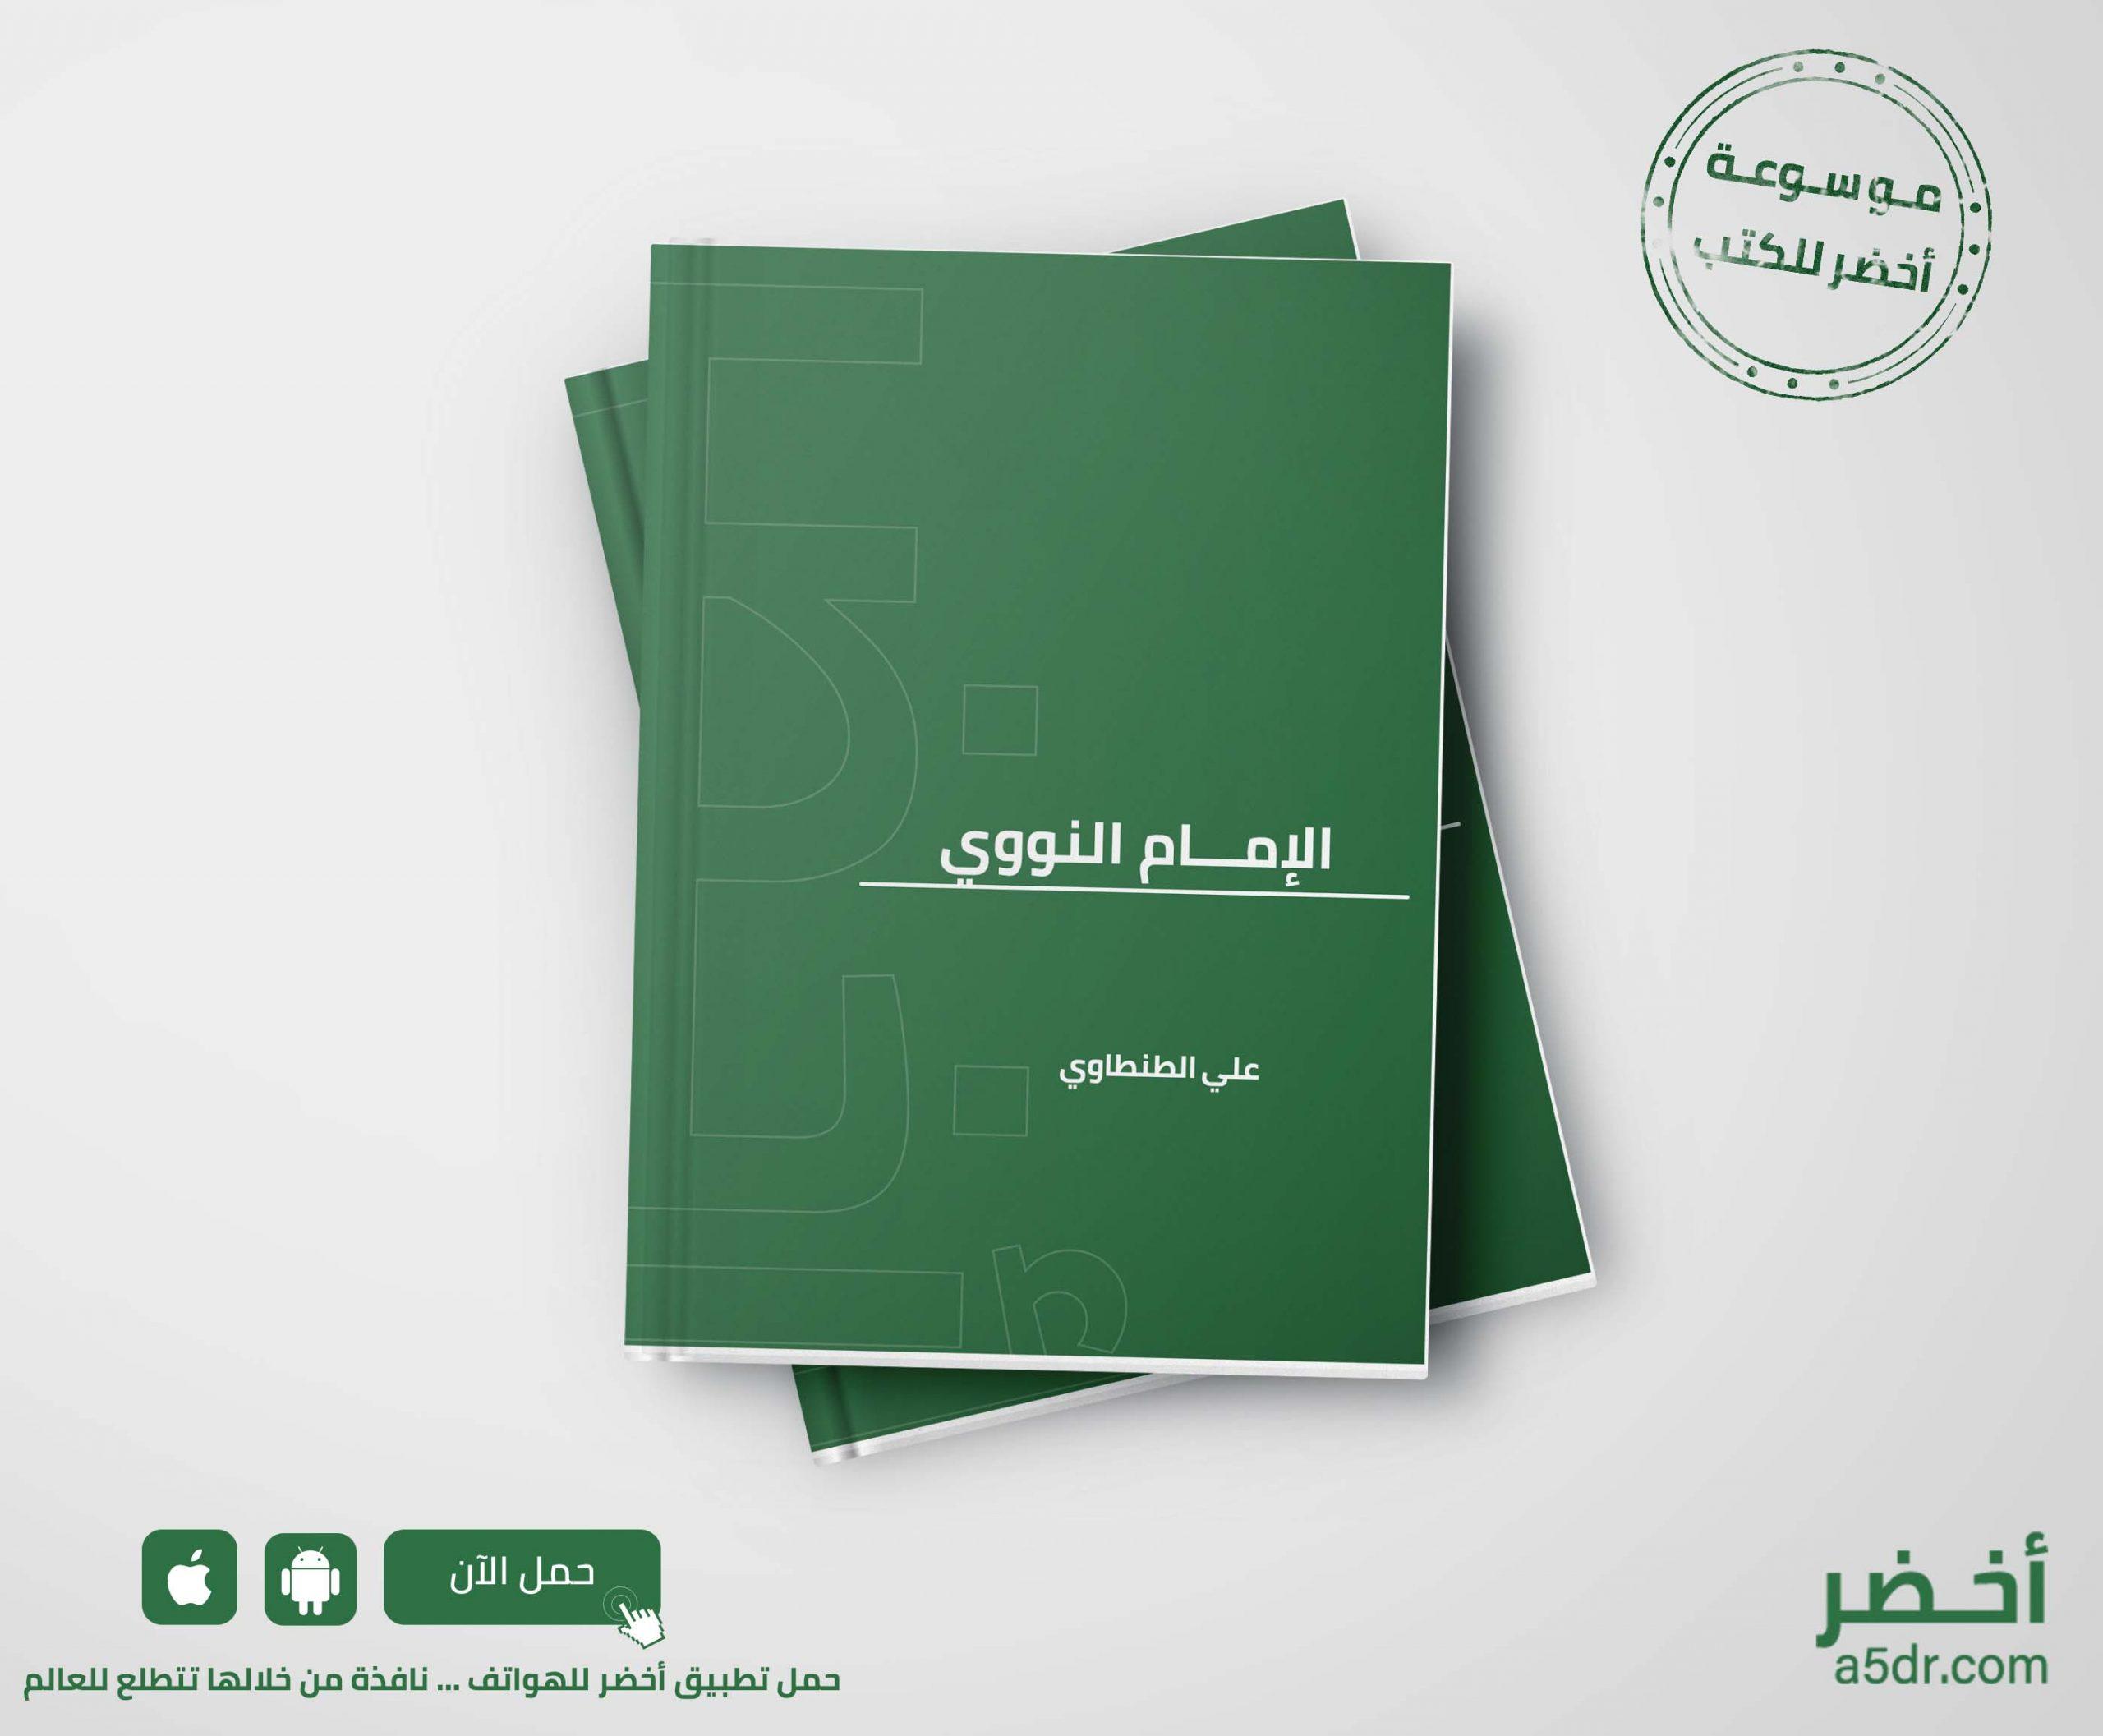 كتاب الإمام النووي - علي الطنطاوي